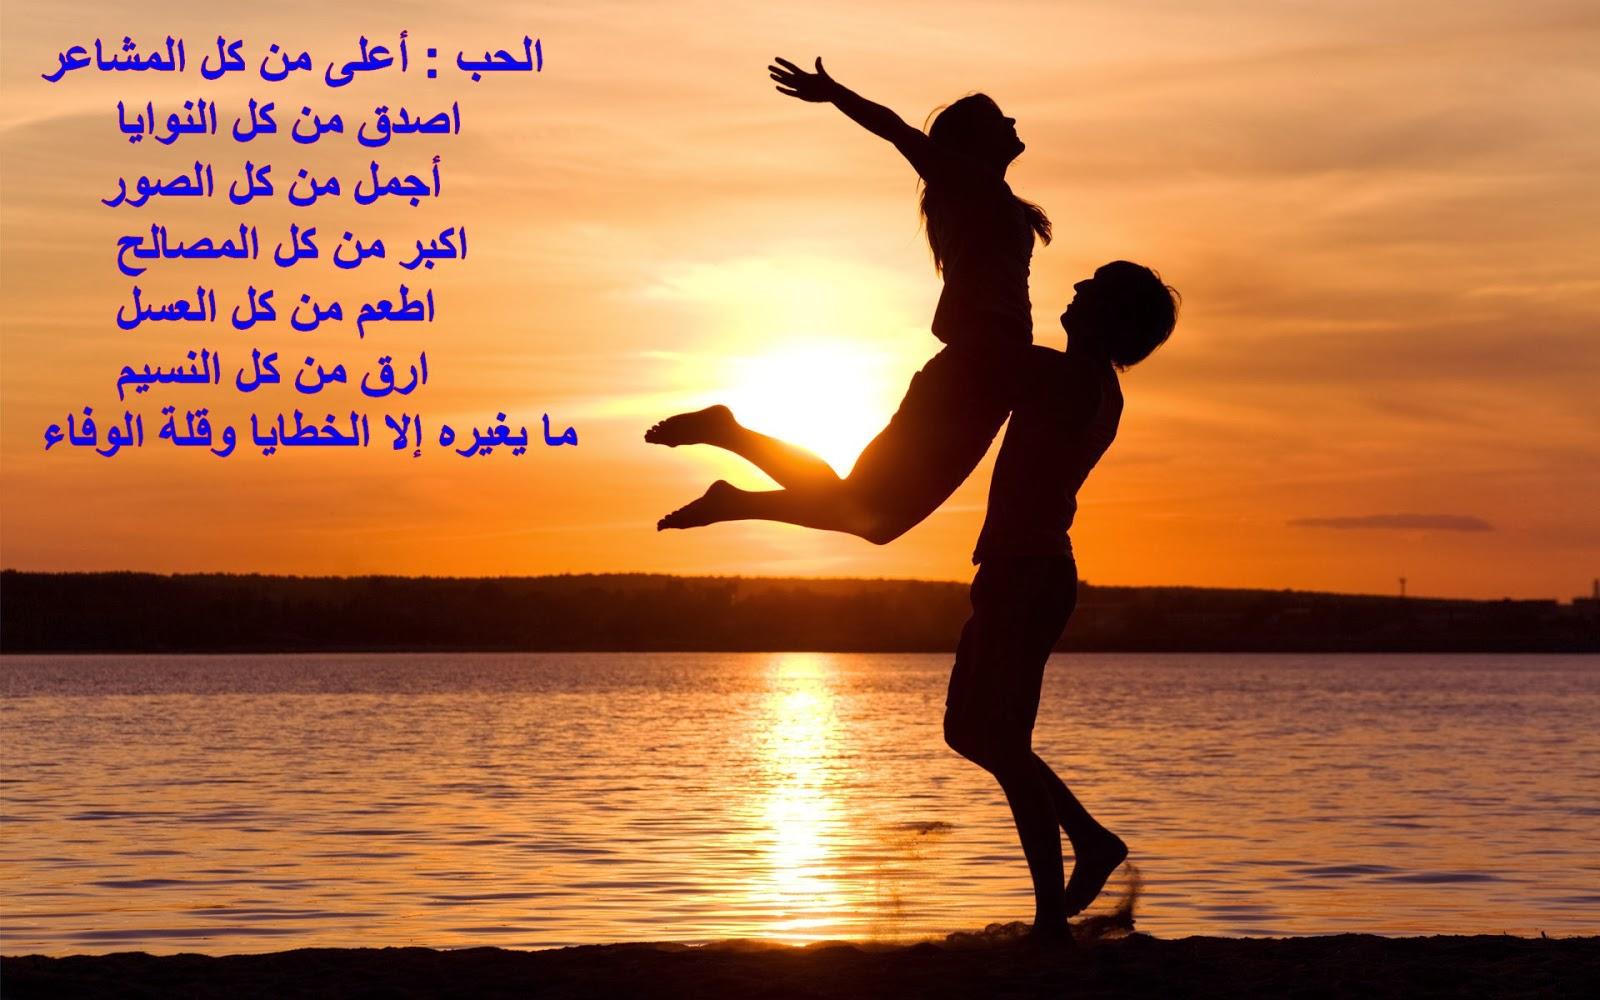 بالصور كلمات روعه عن الحب , اجمل رسائل الحب 3459 4